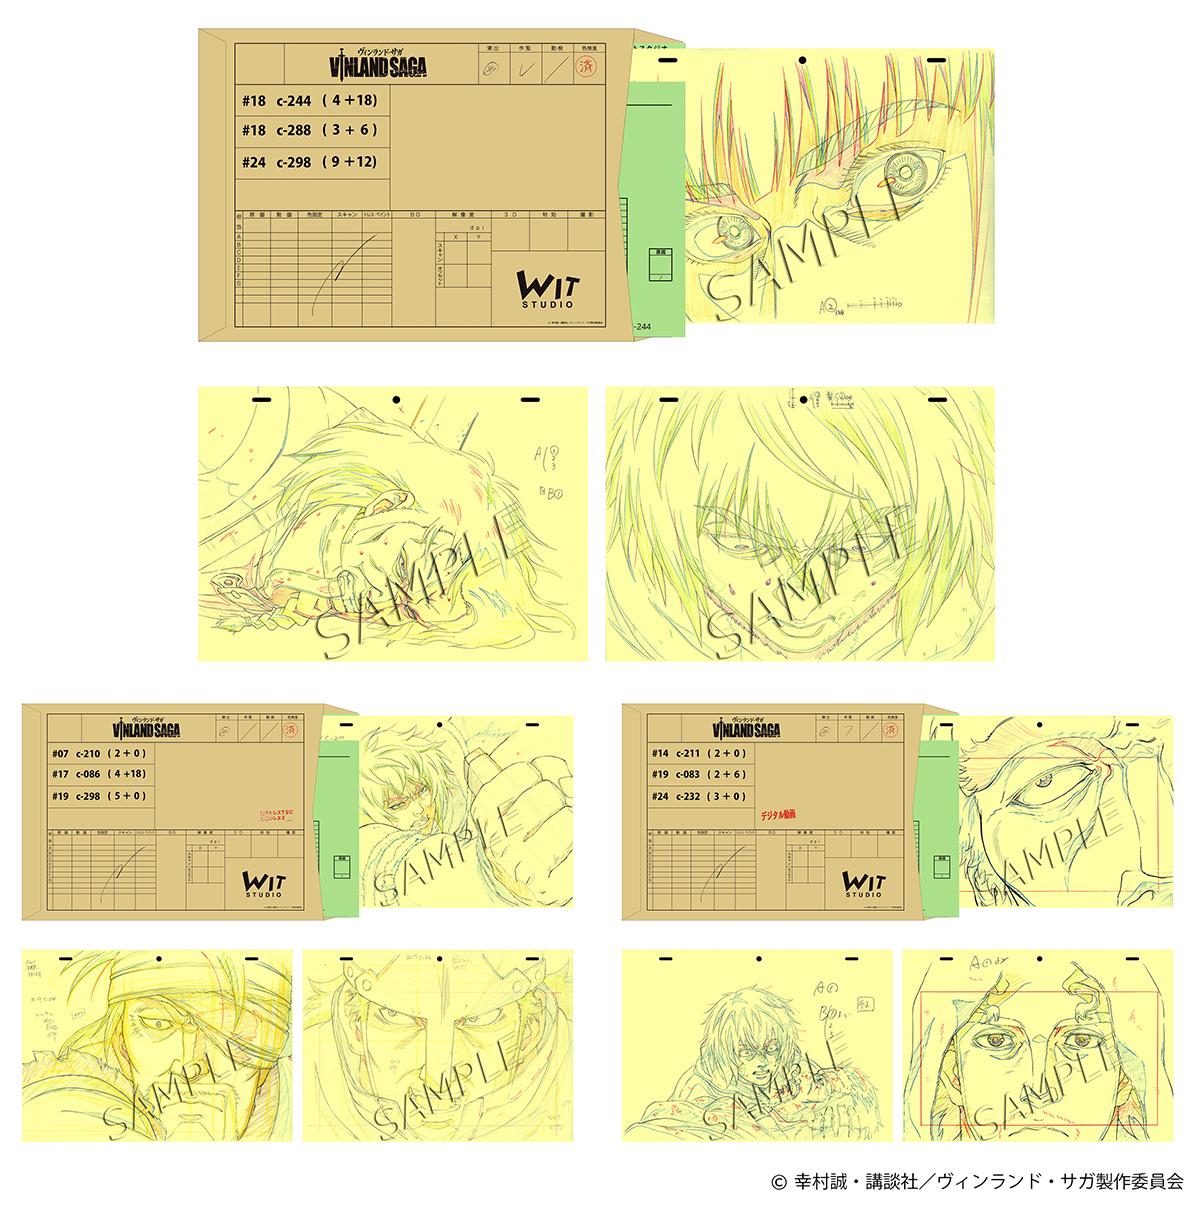 ヴィンランド・サガ 複製カット袋セット(全3種)